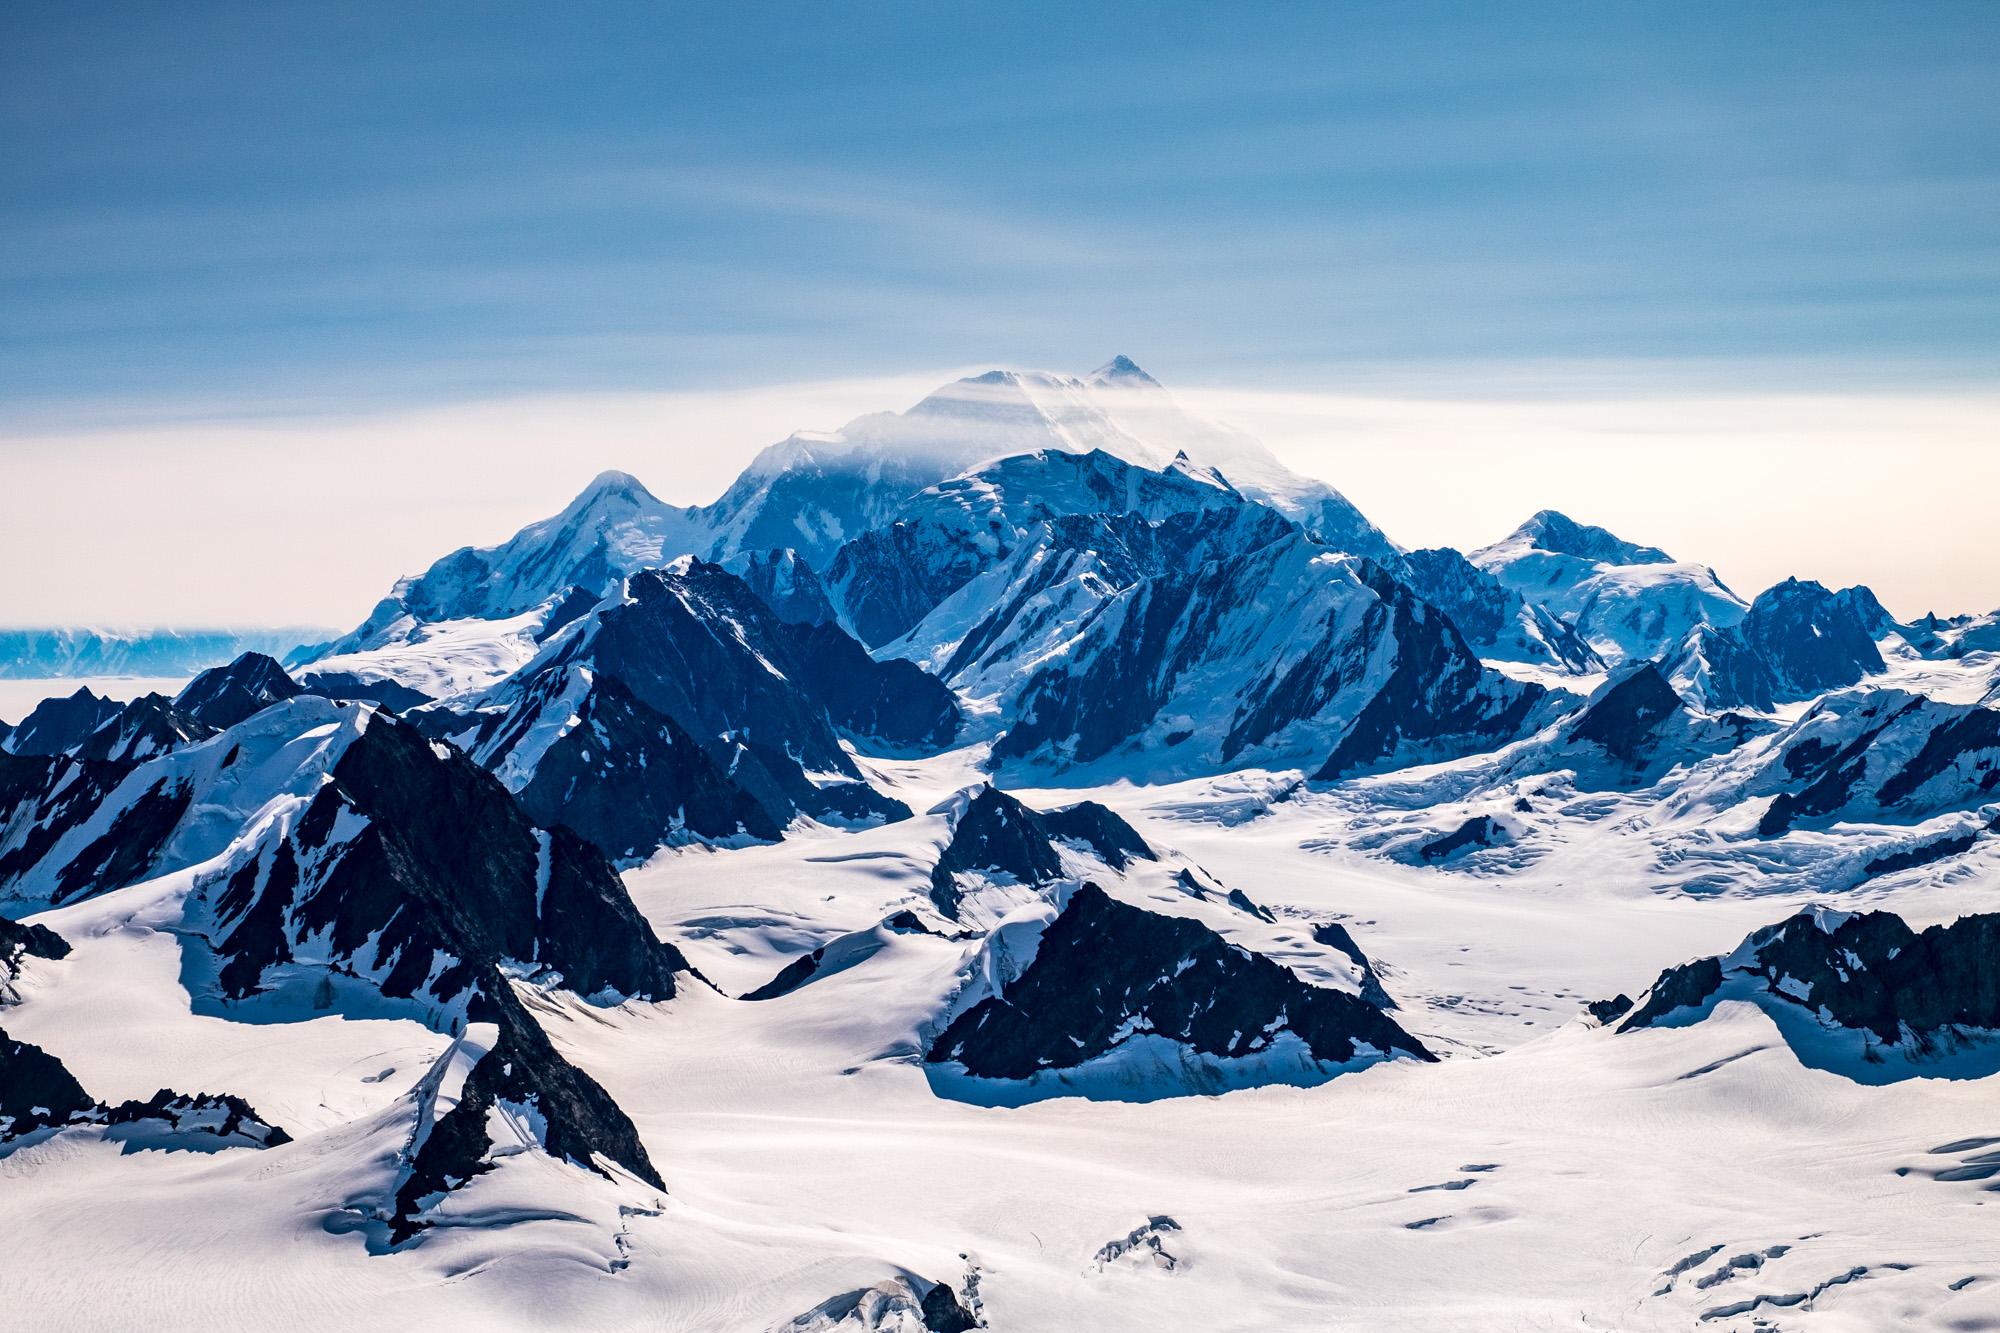 Mount St. Elias...the namesake of the park.